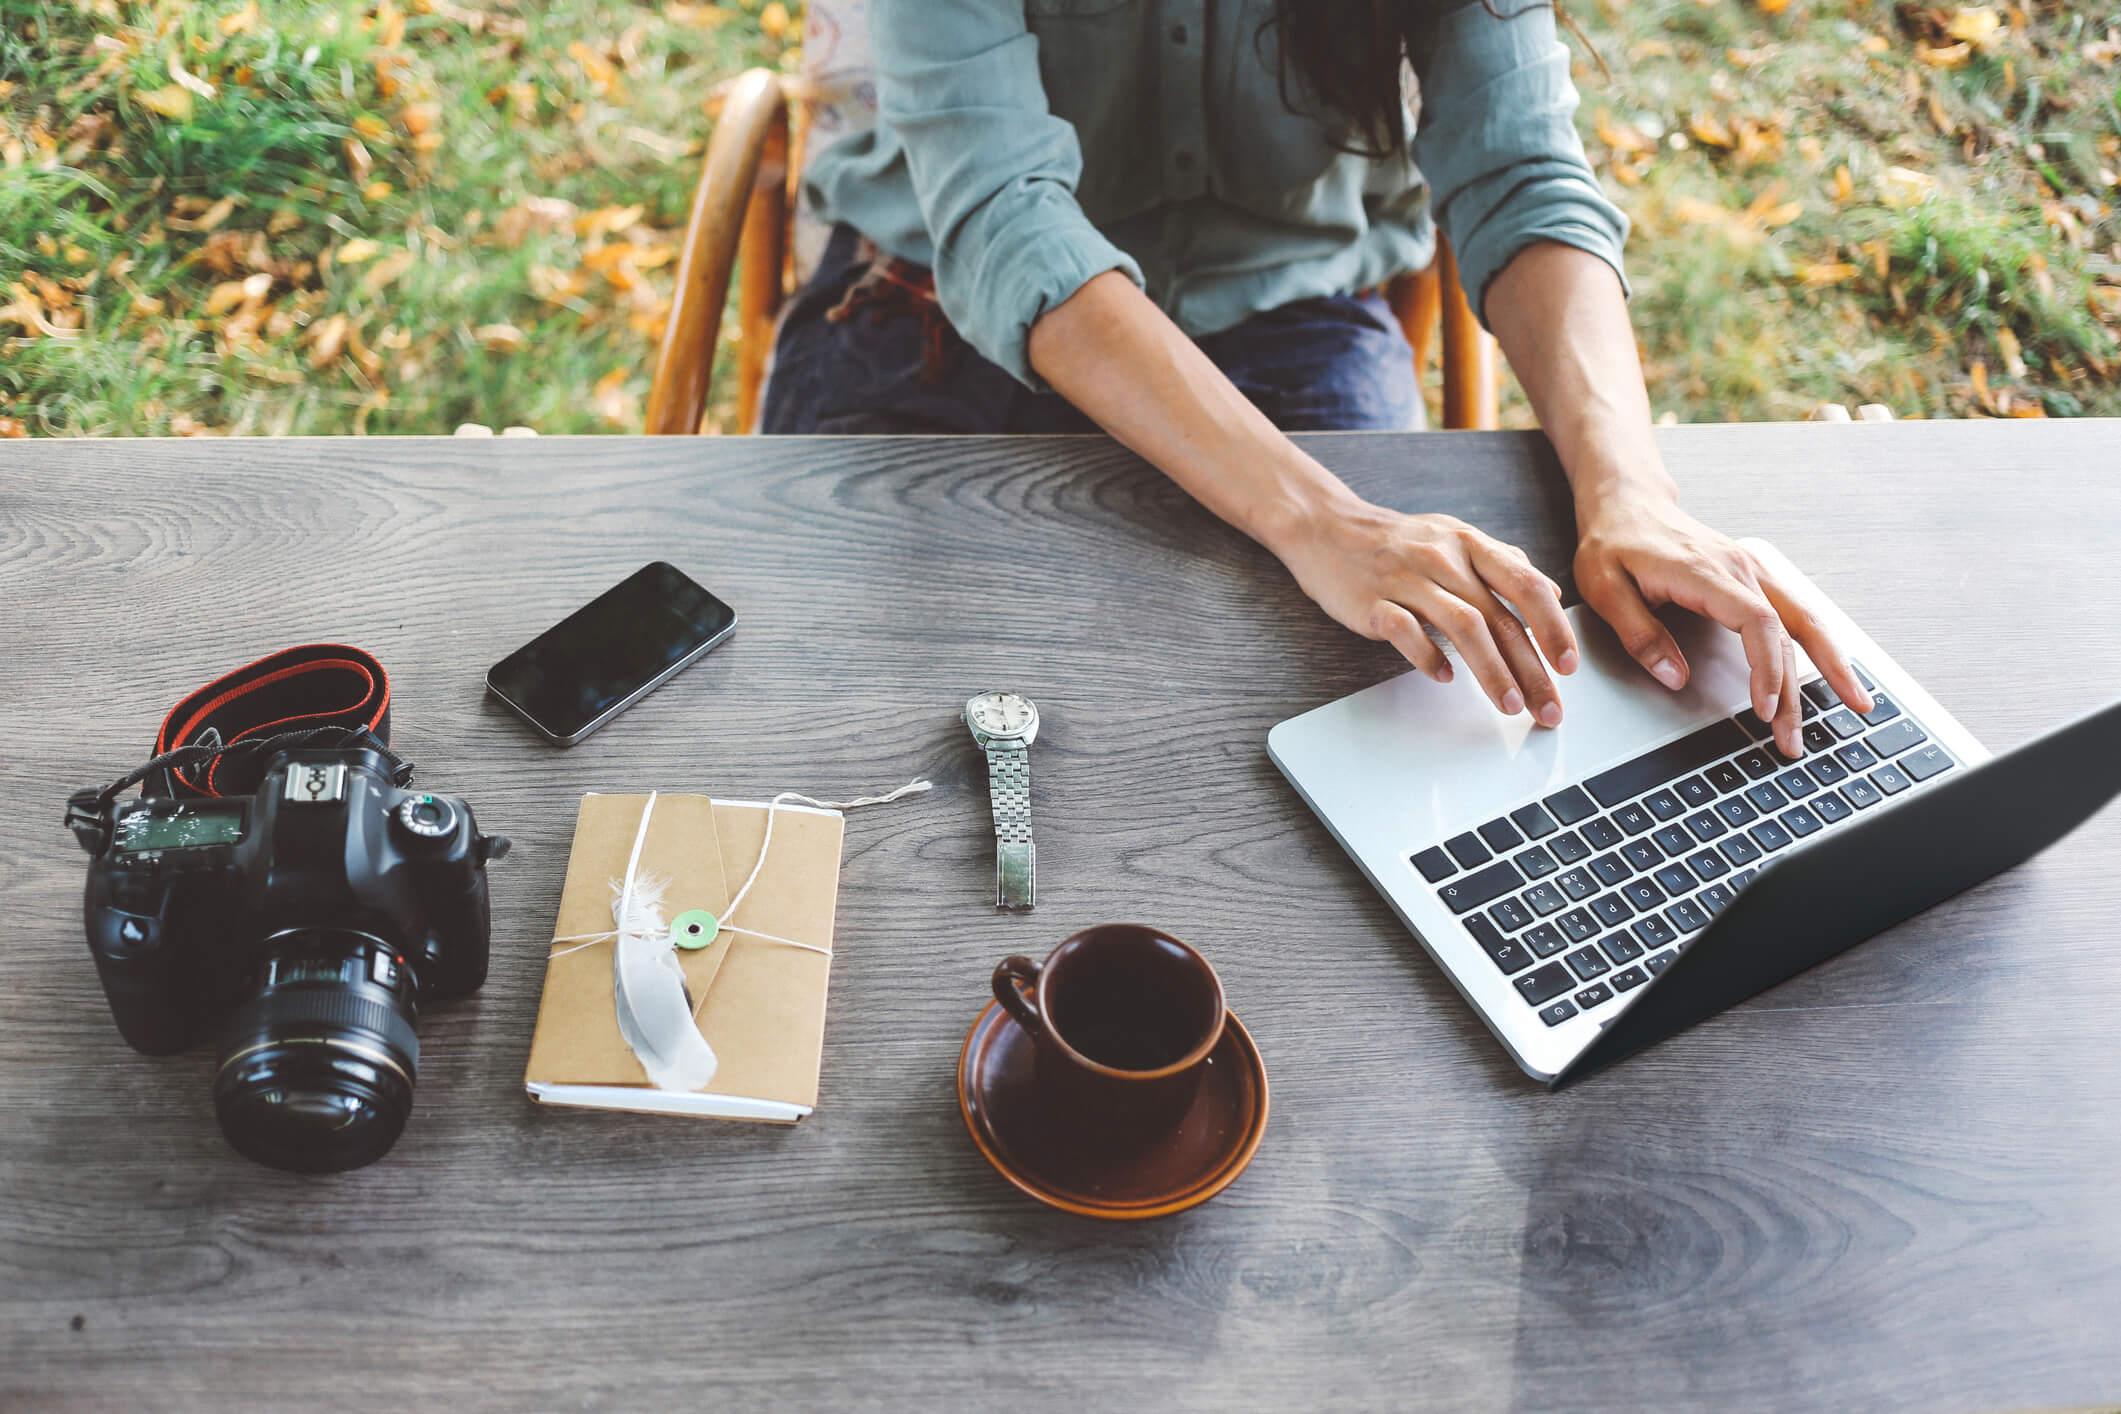 Fotógrafo: entenda como os anúncios nas redes sociais podem transformar seu jeito de vender